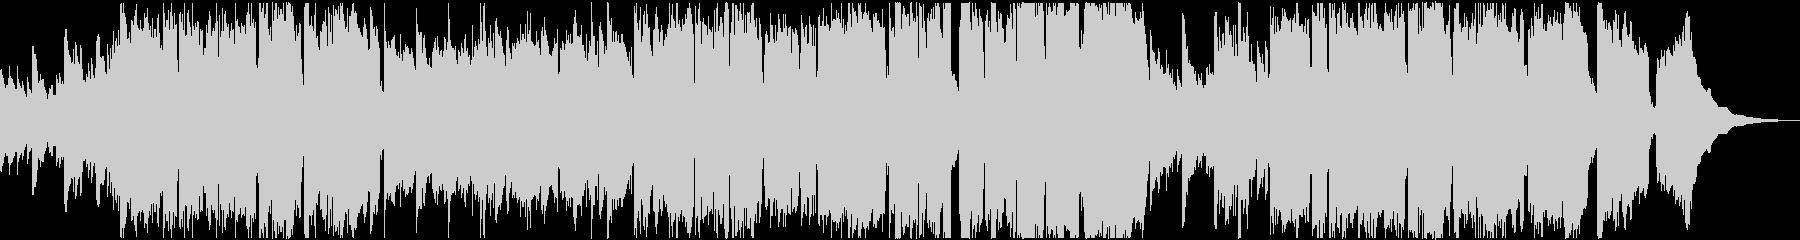 ゆっくり穏やかなケルト系の曲の未再生の波形